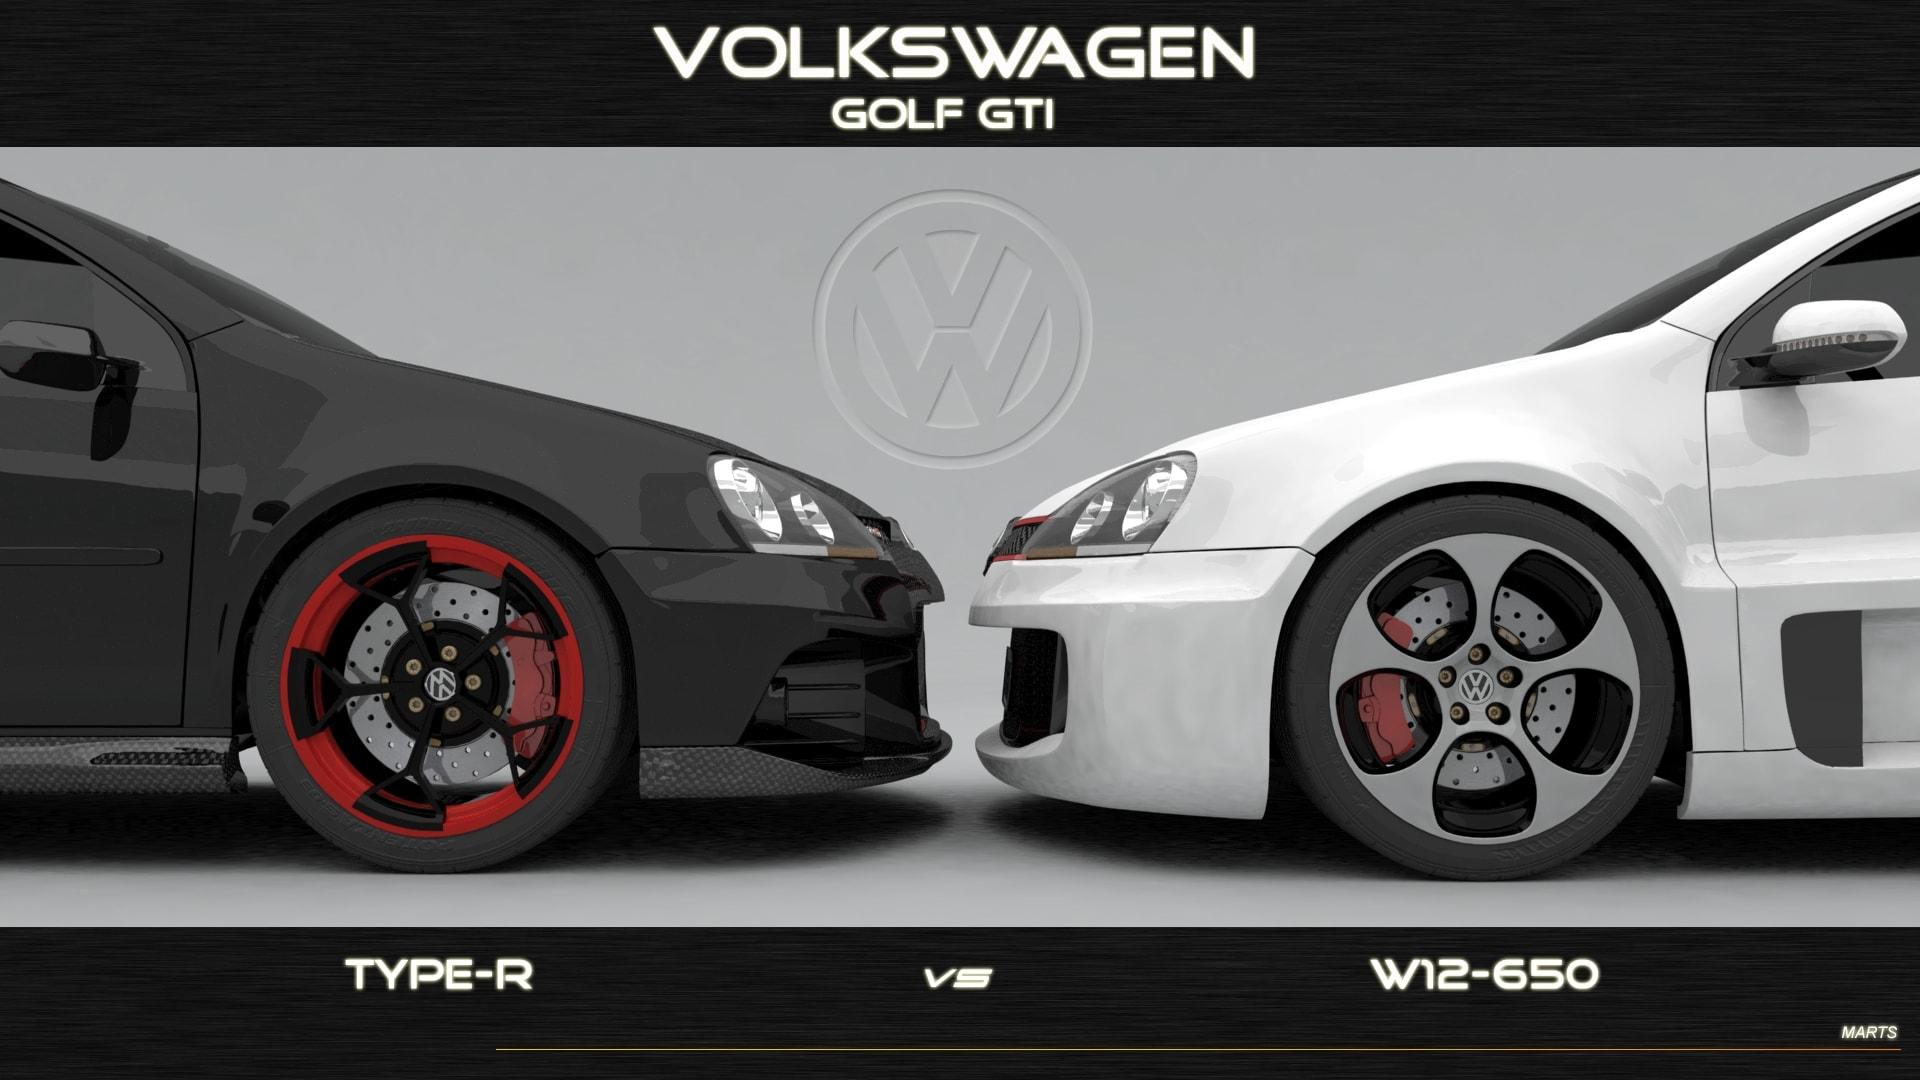 Volkswagen Golf GTI W12-650 Concept Desktop wallpaper